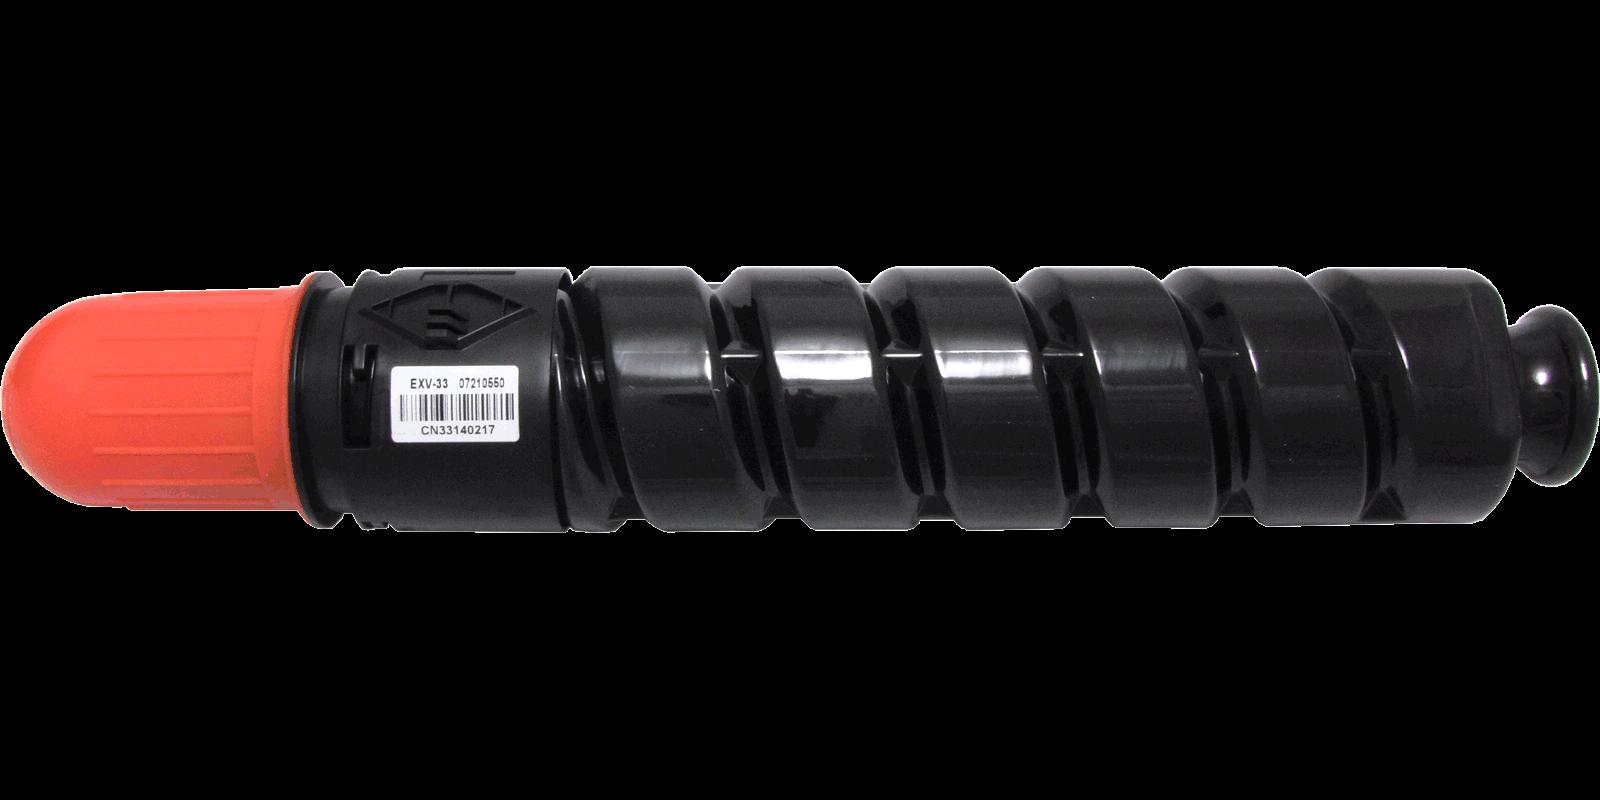 Картридж Туба MAK© C-EXV33 (2785B002[AA]) черный (black), до 14600 стр.